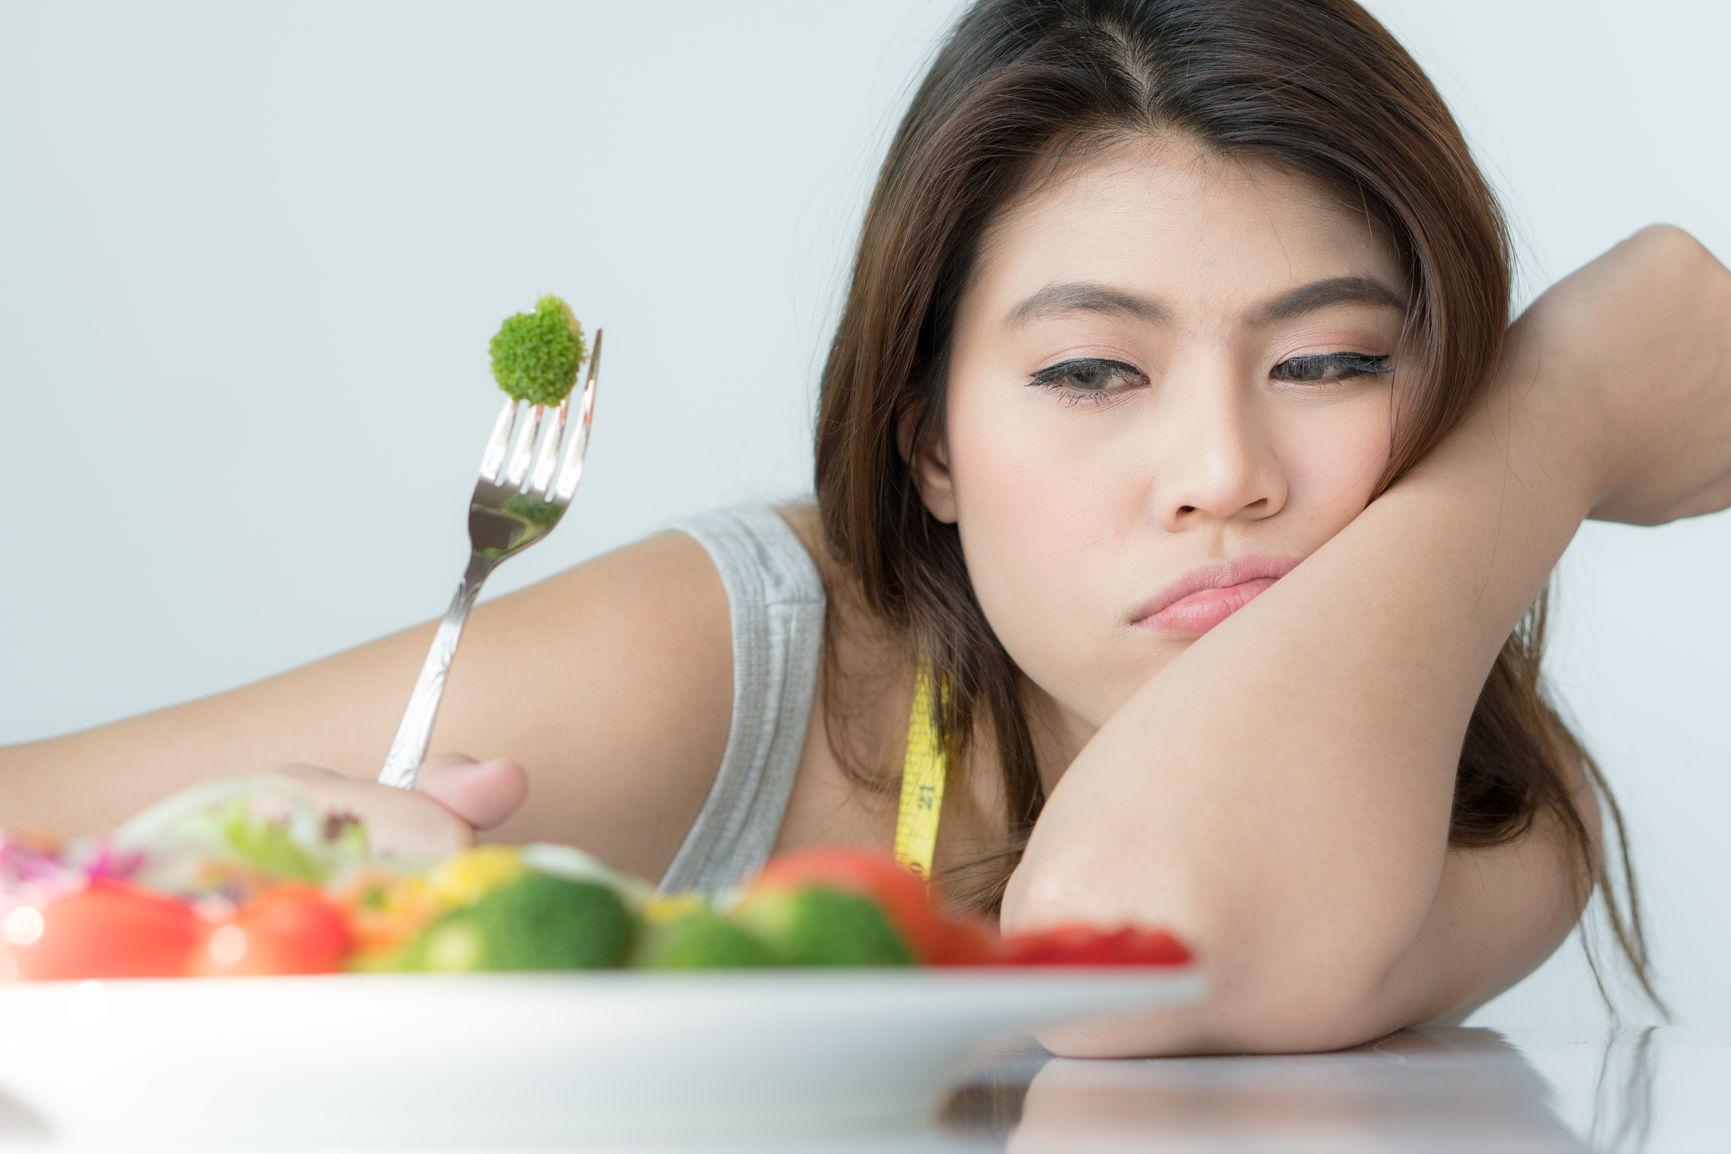 du går ikke ned i vekt med dårlige vaner